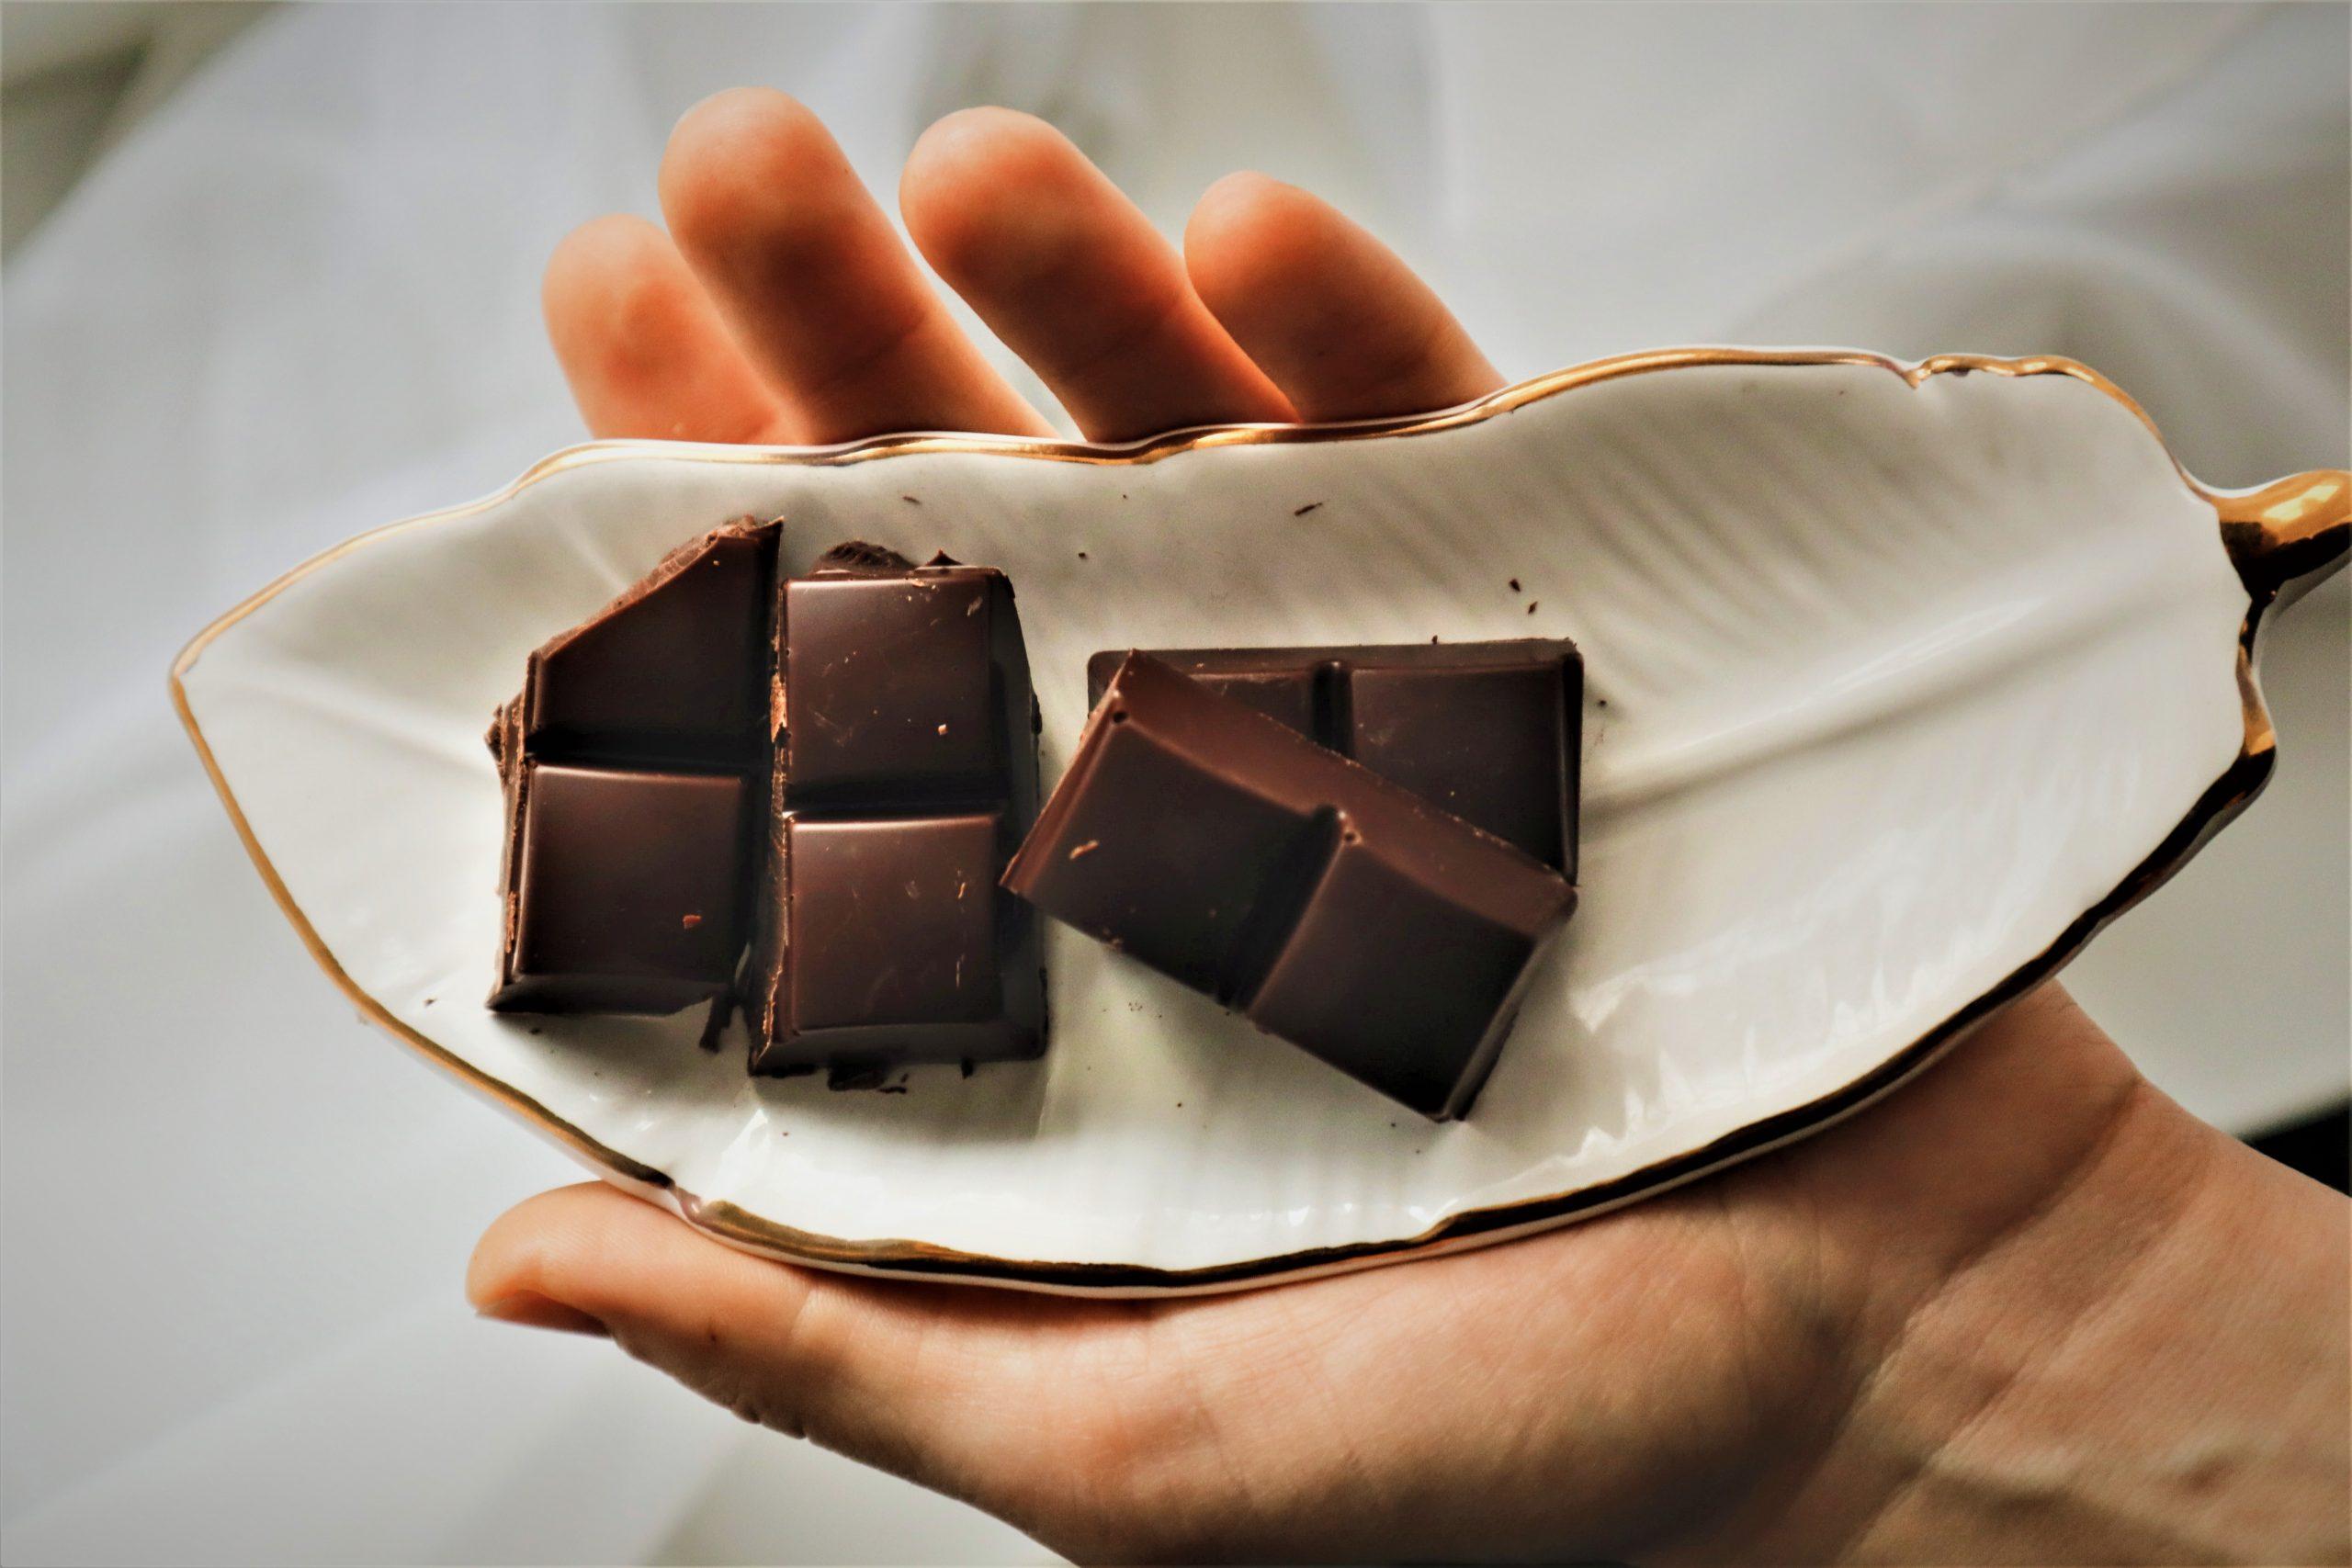 Dark Chocolate in hand, chocolate